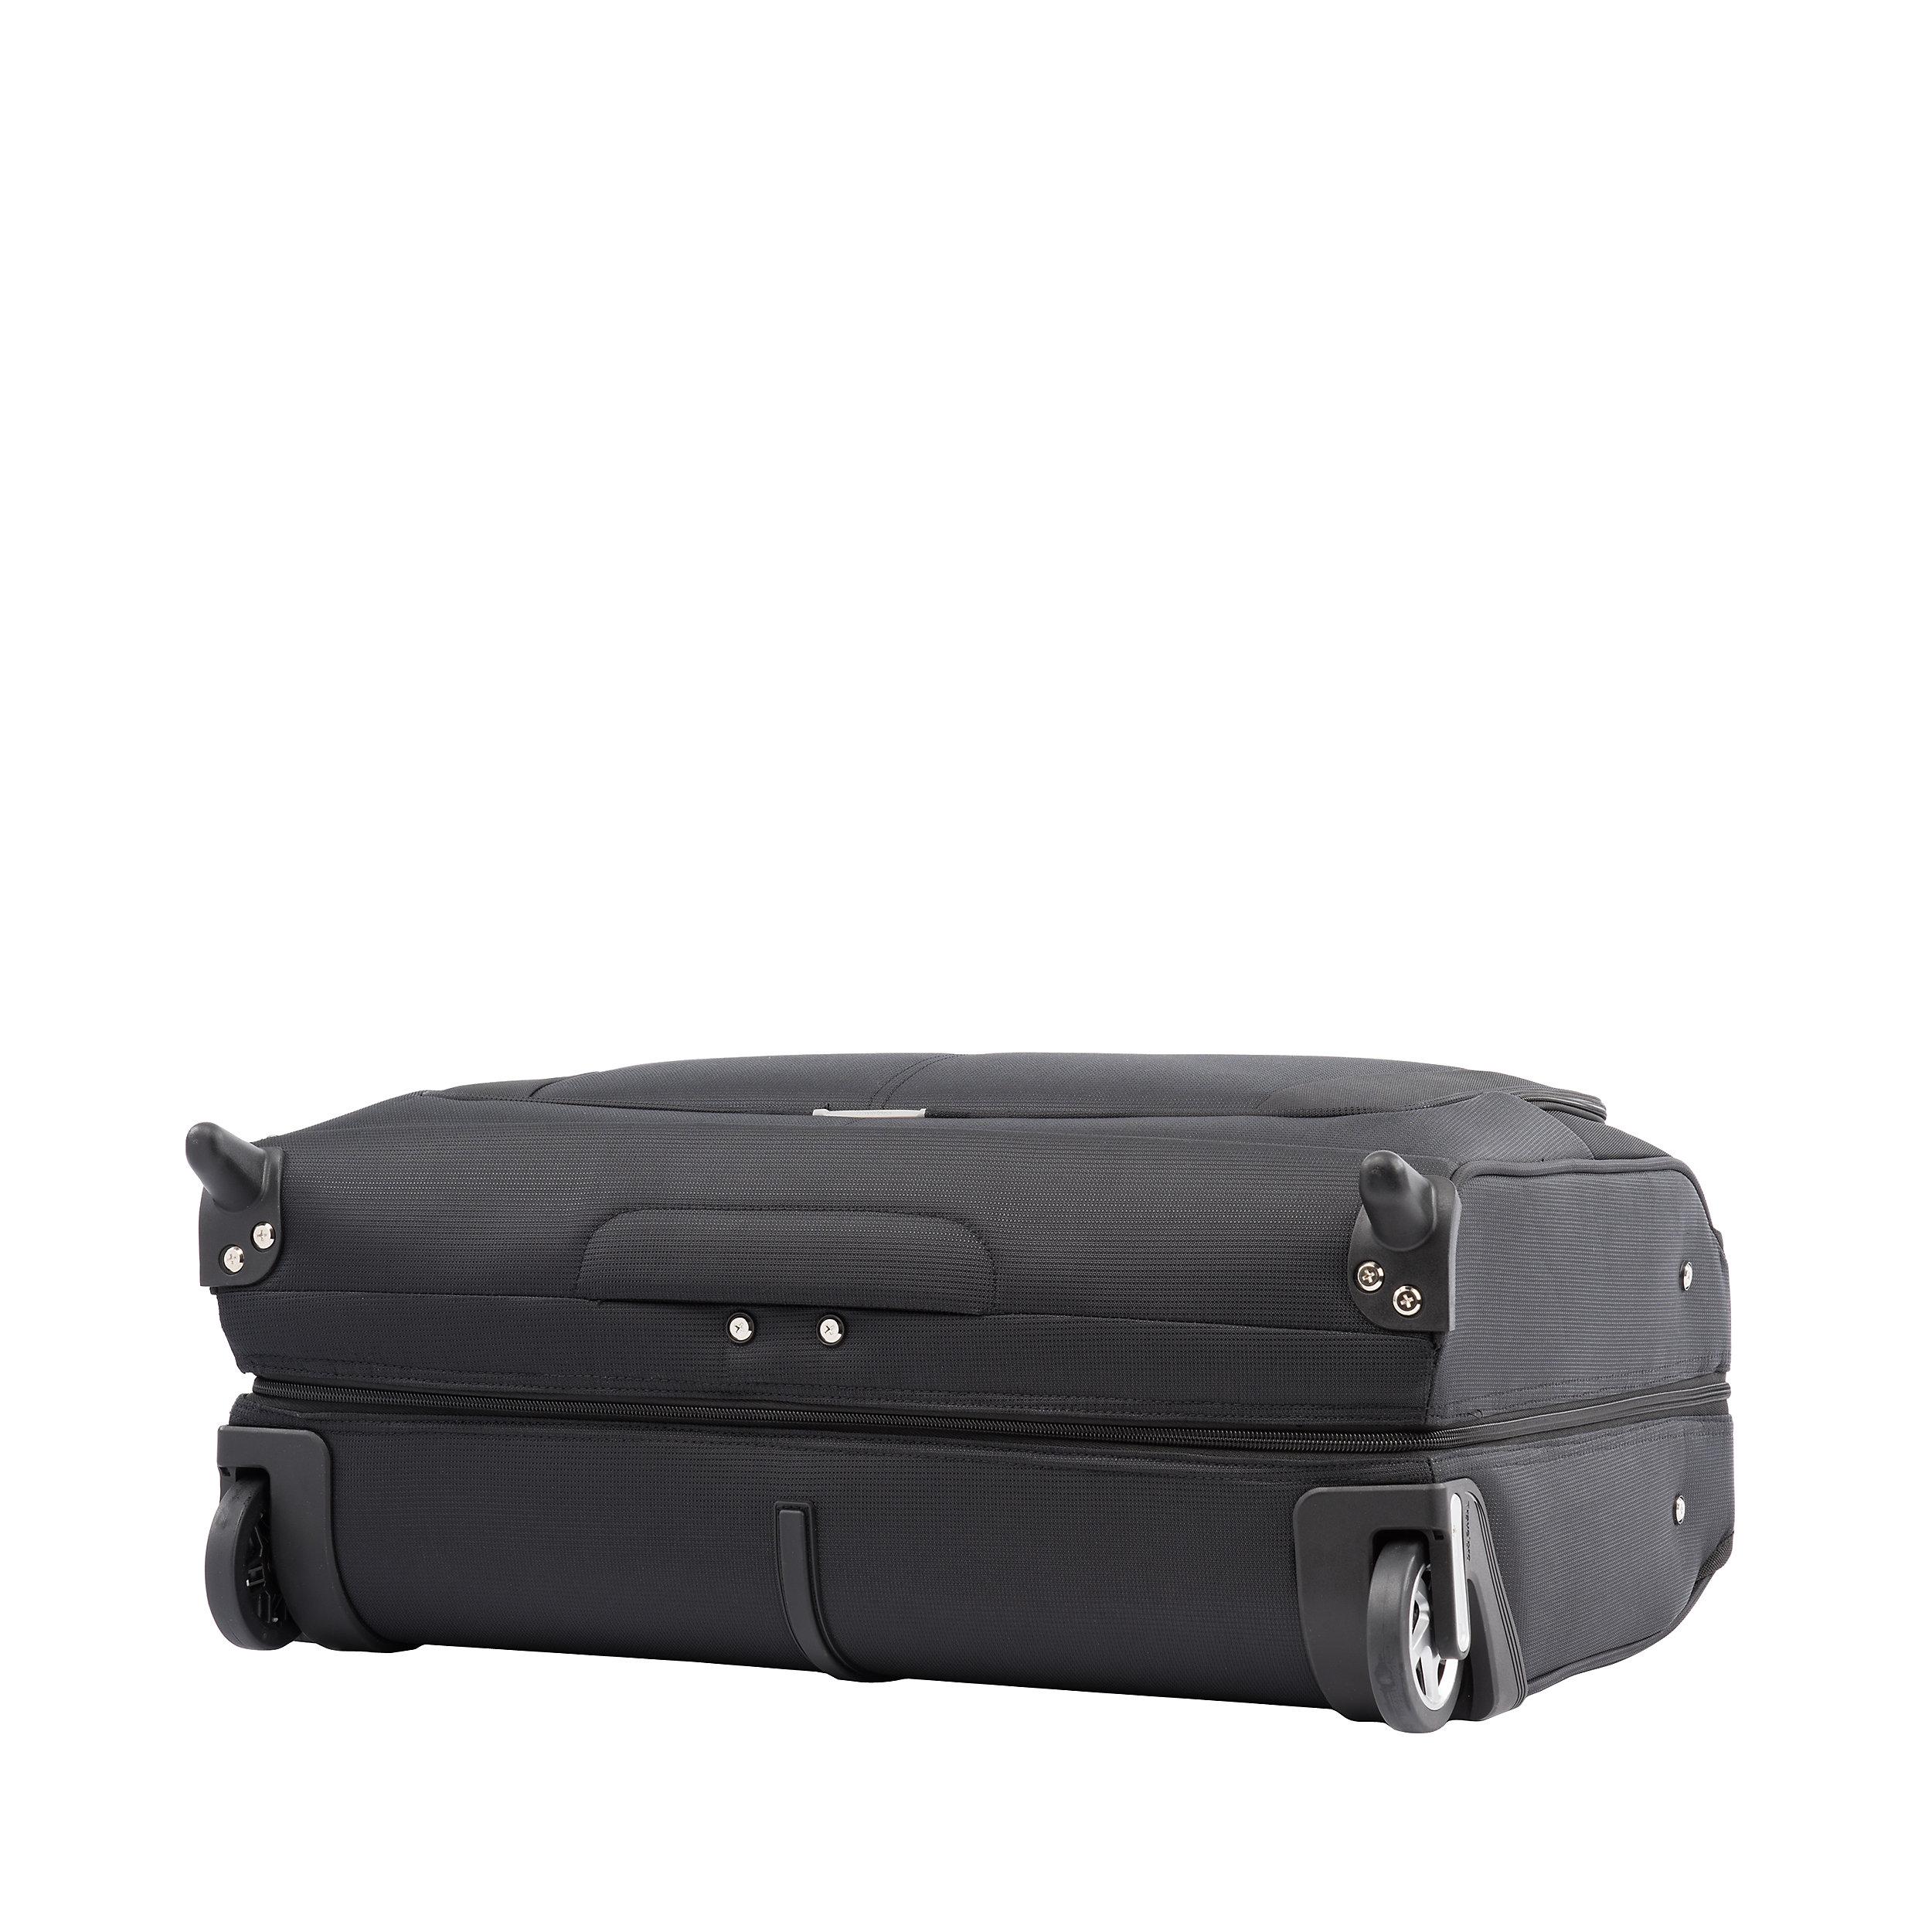 Kleidersack mit 2 Rollen auf Rollen Carry-on Maxlite 5 Small 41 Liter